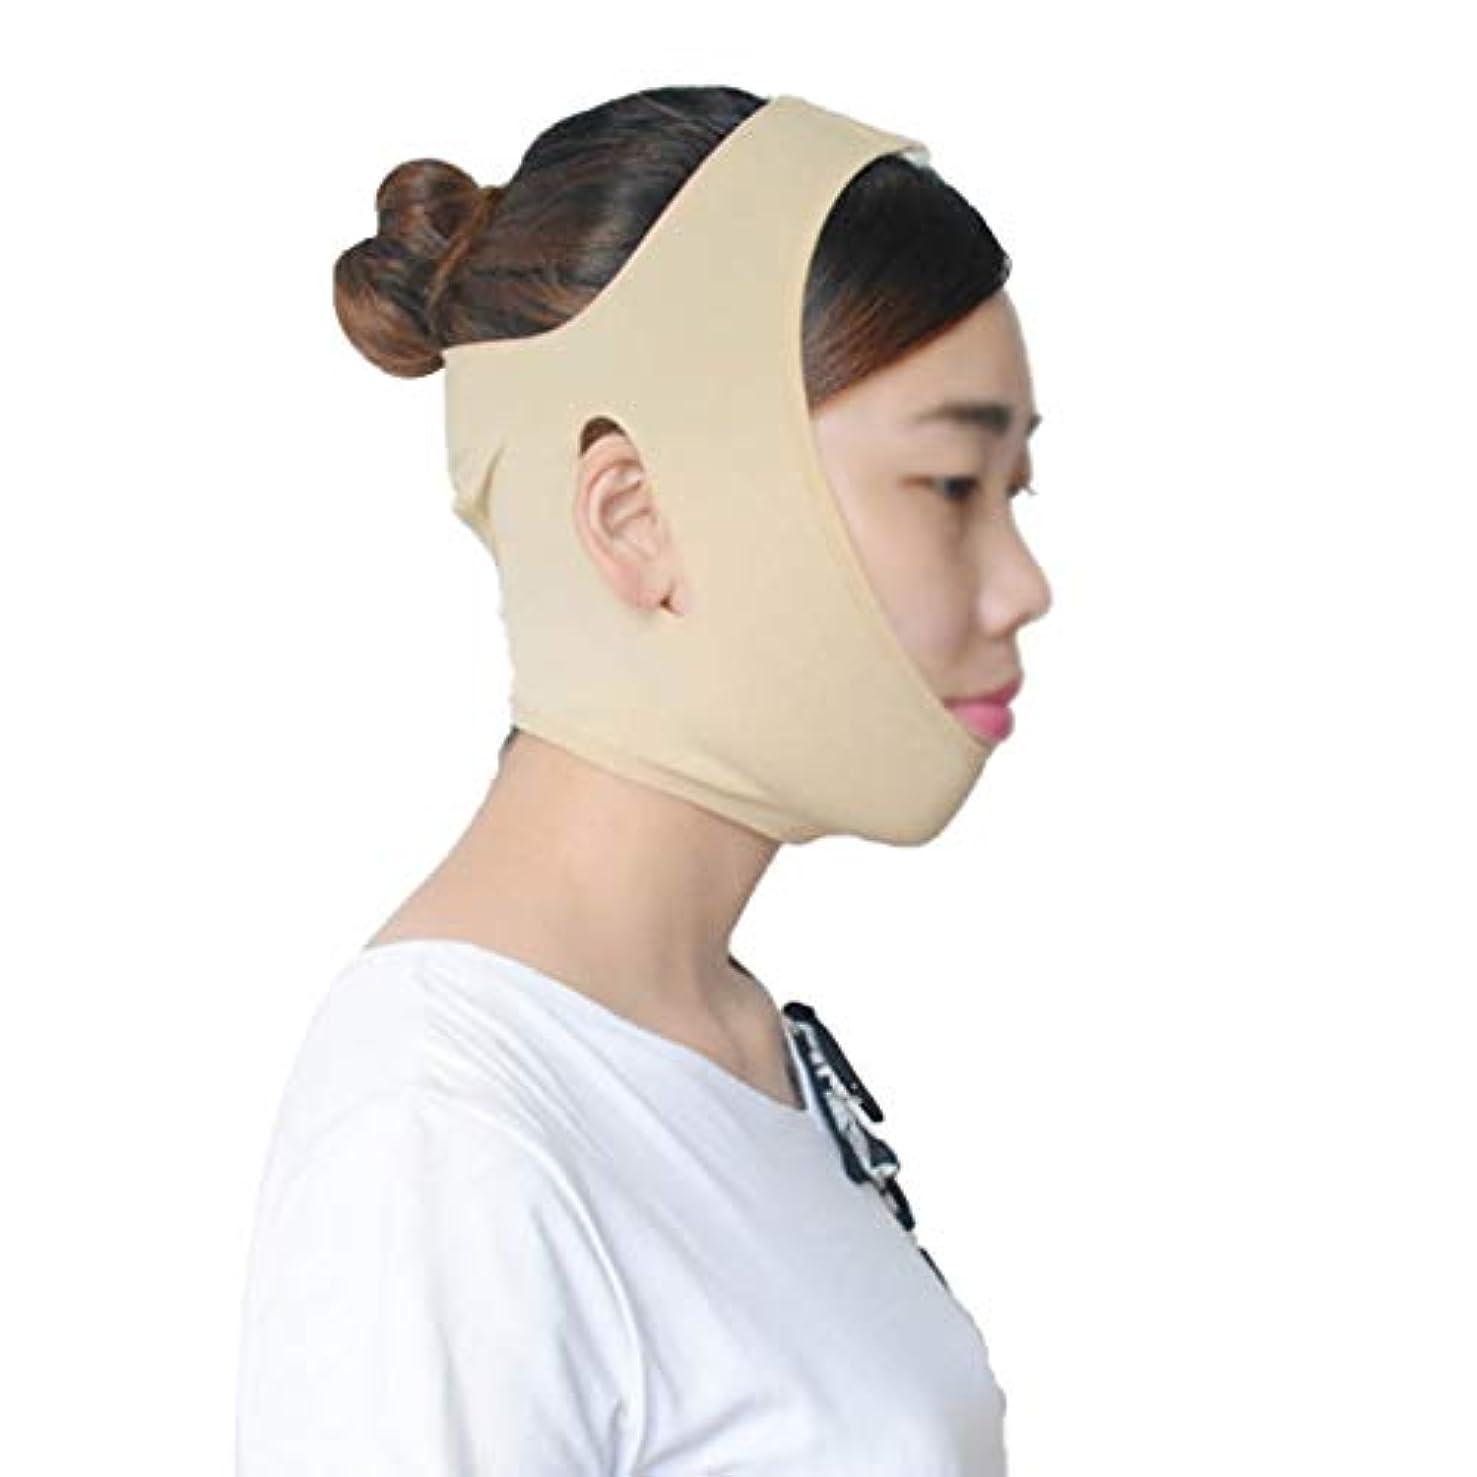 XHLMRMJ 引き締めフェイスマスク、フェイスリフトマスク強力なフェイスリフティングツールフェイスビューティフェイスリフティングフェイスマスク引き締めフェイスリフティングフェイスリフティングフェイスリフティング包帯 (...